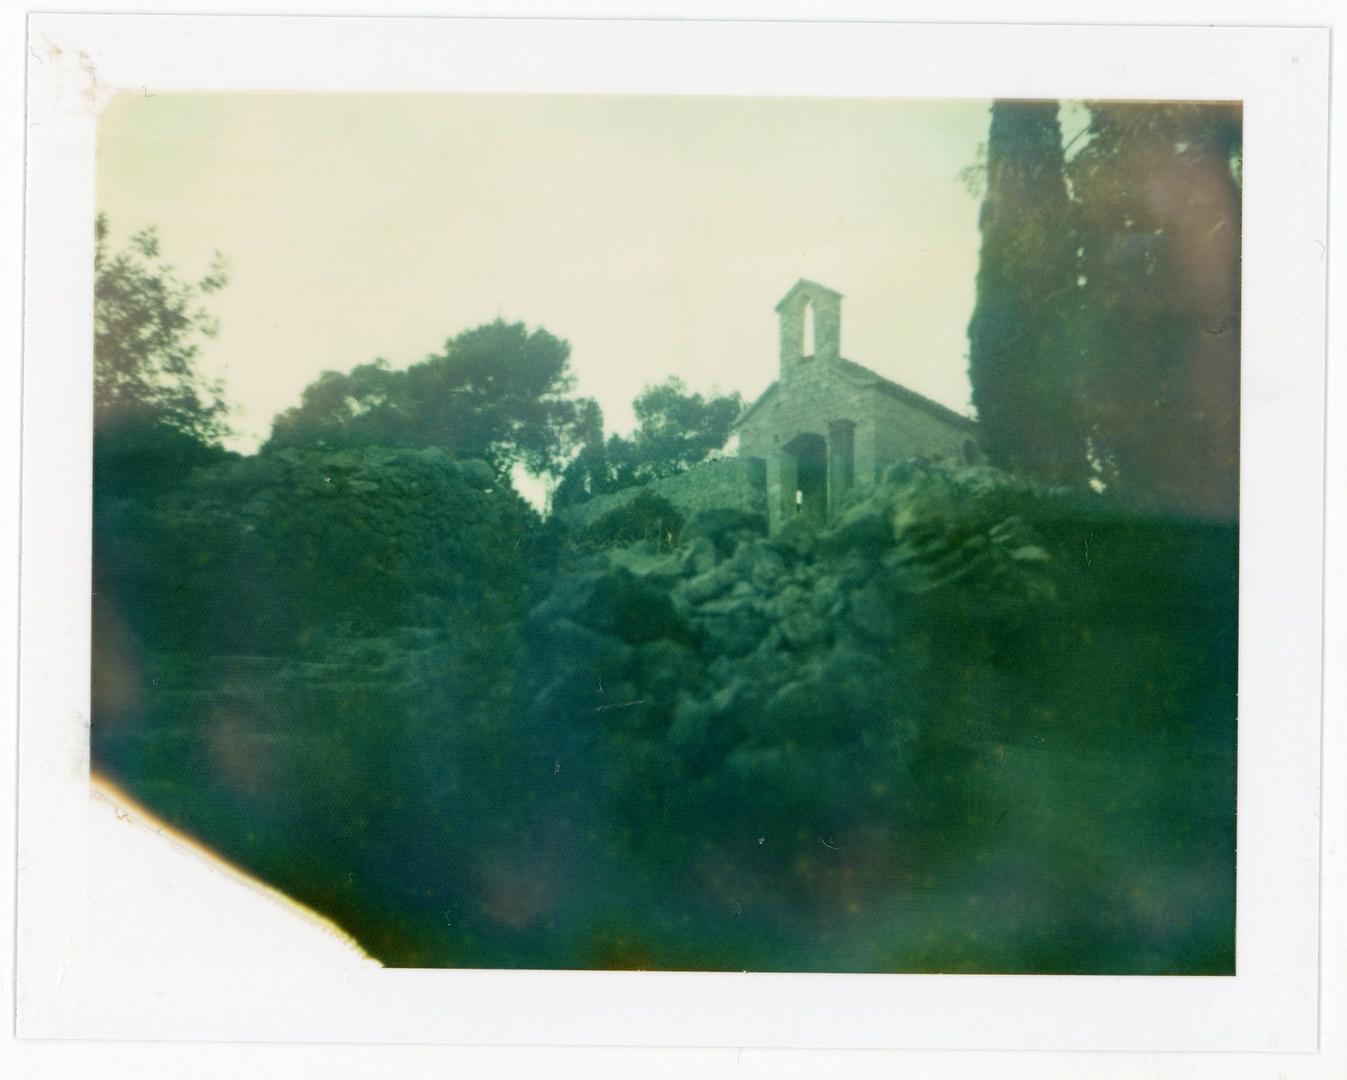 die grüne Kirche